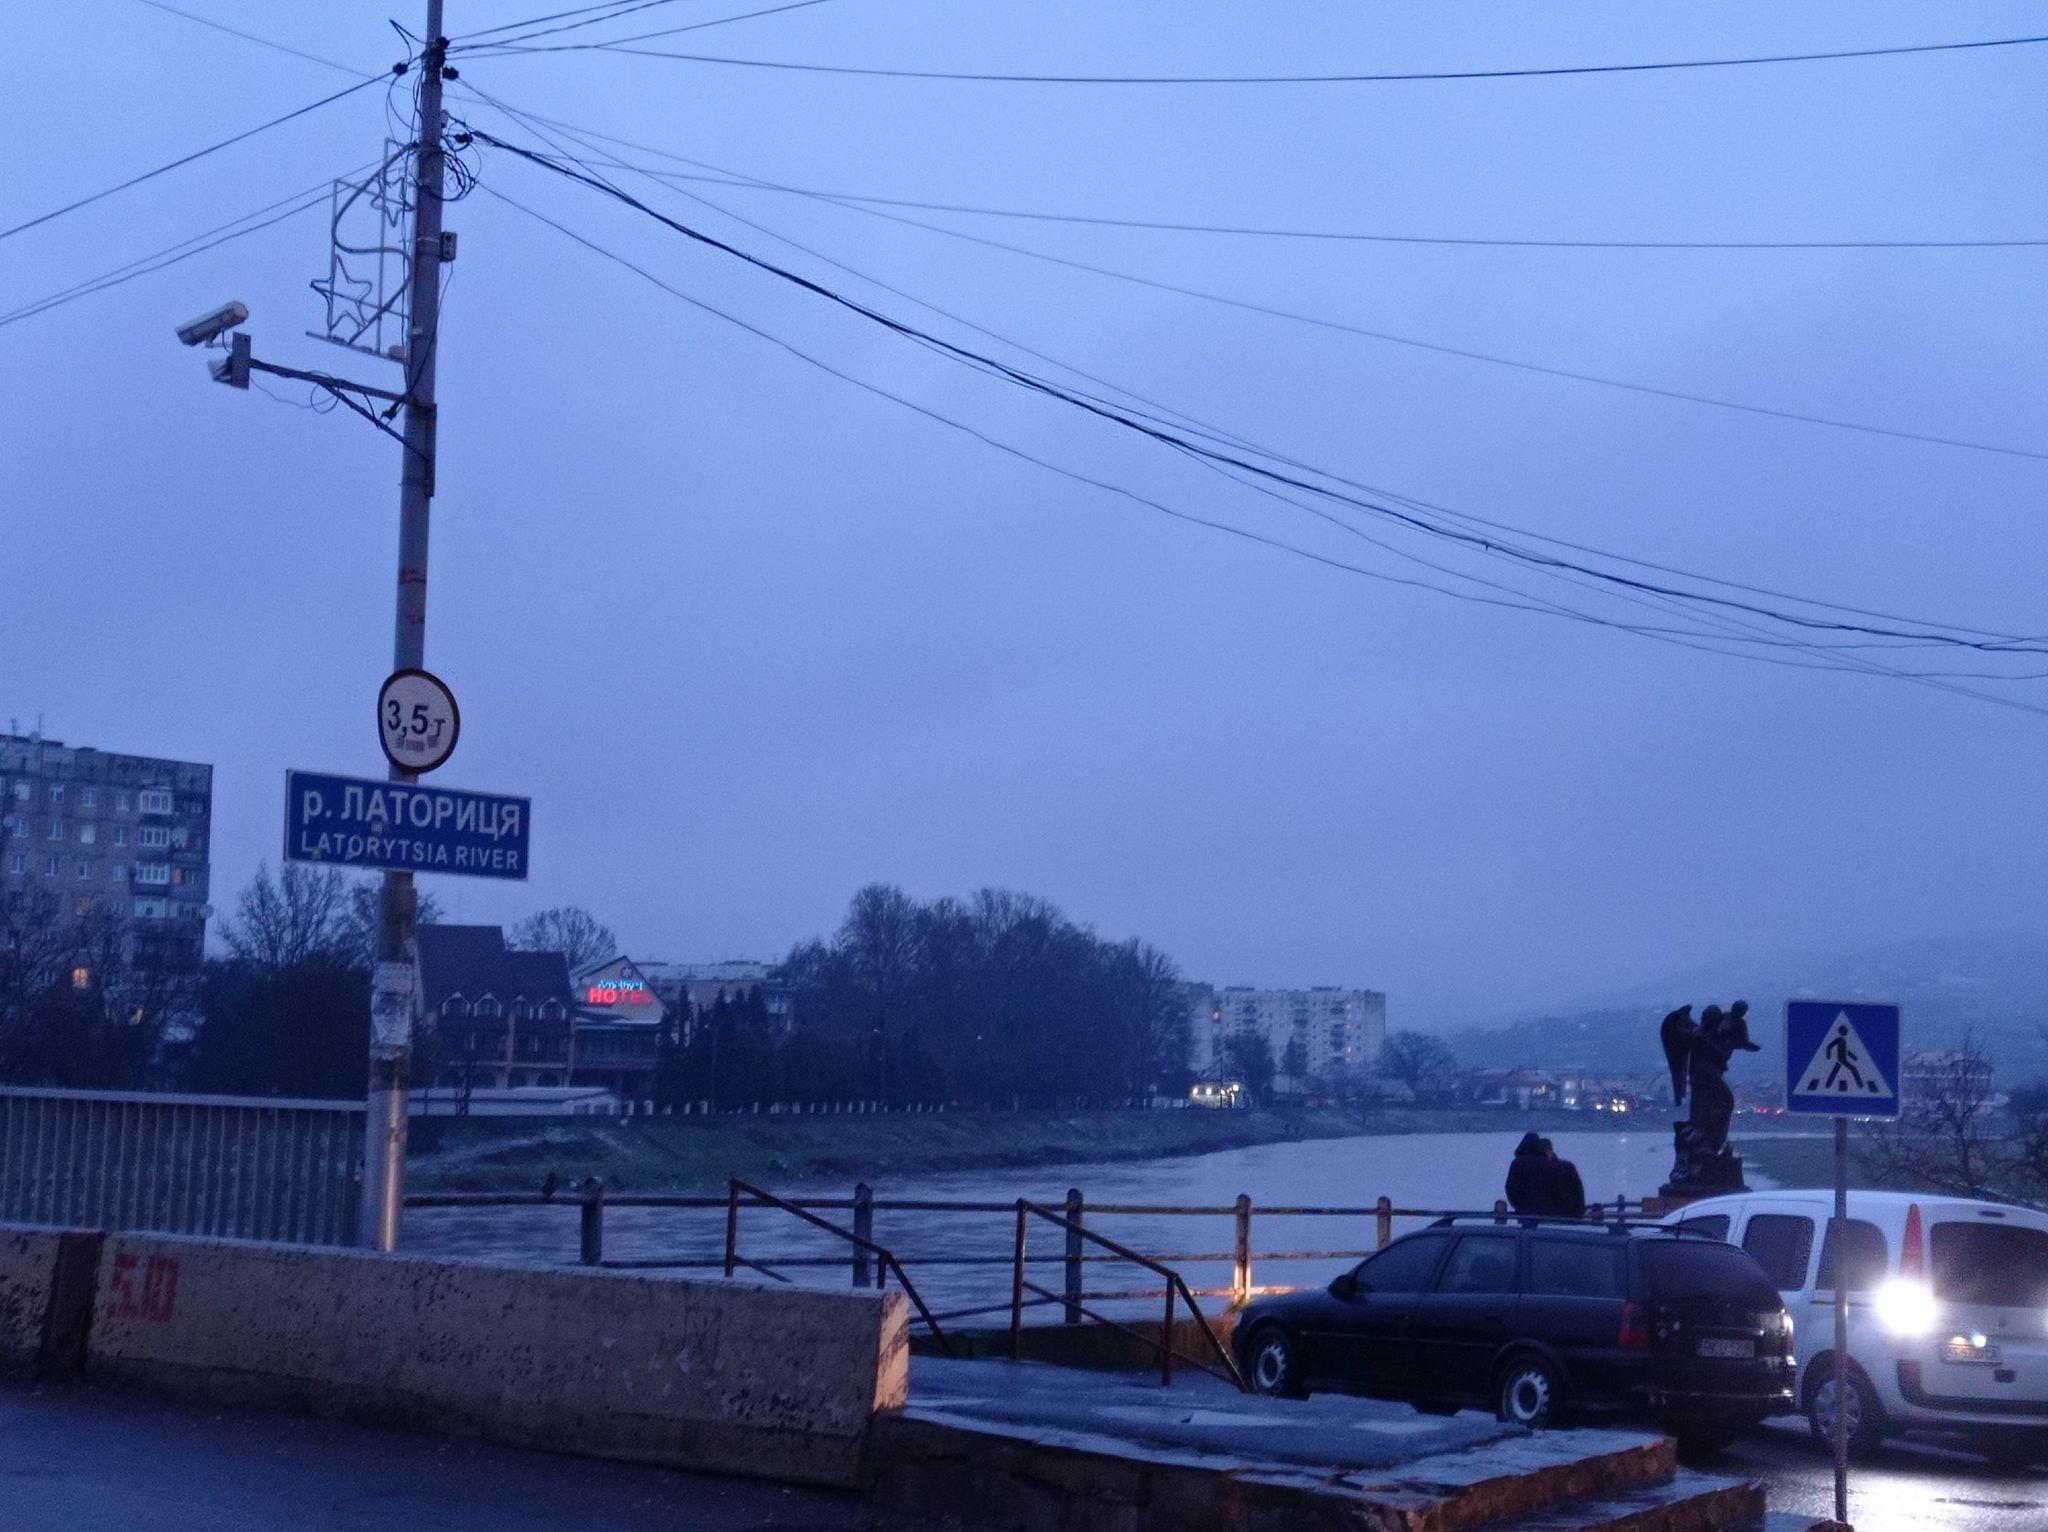 Ситуація на річці Латориця в межах Мукачева станом на 18:00 годину 25 січня 2021 року.